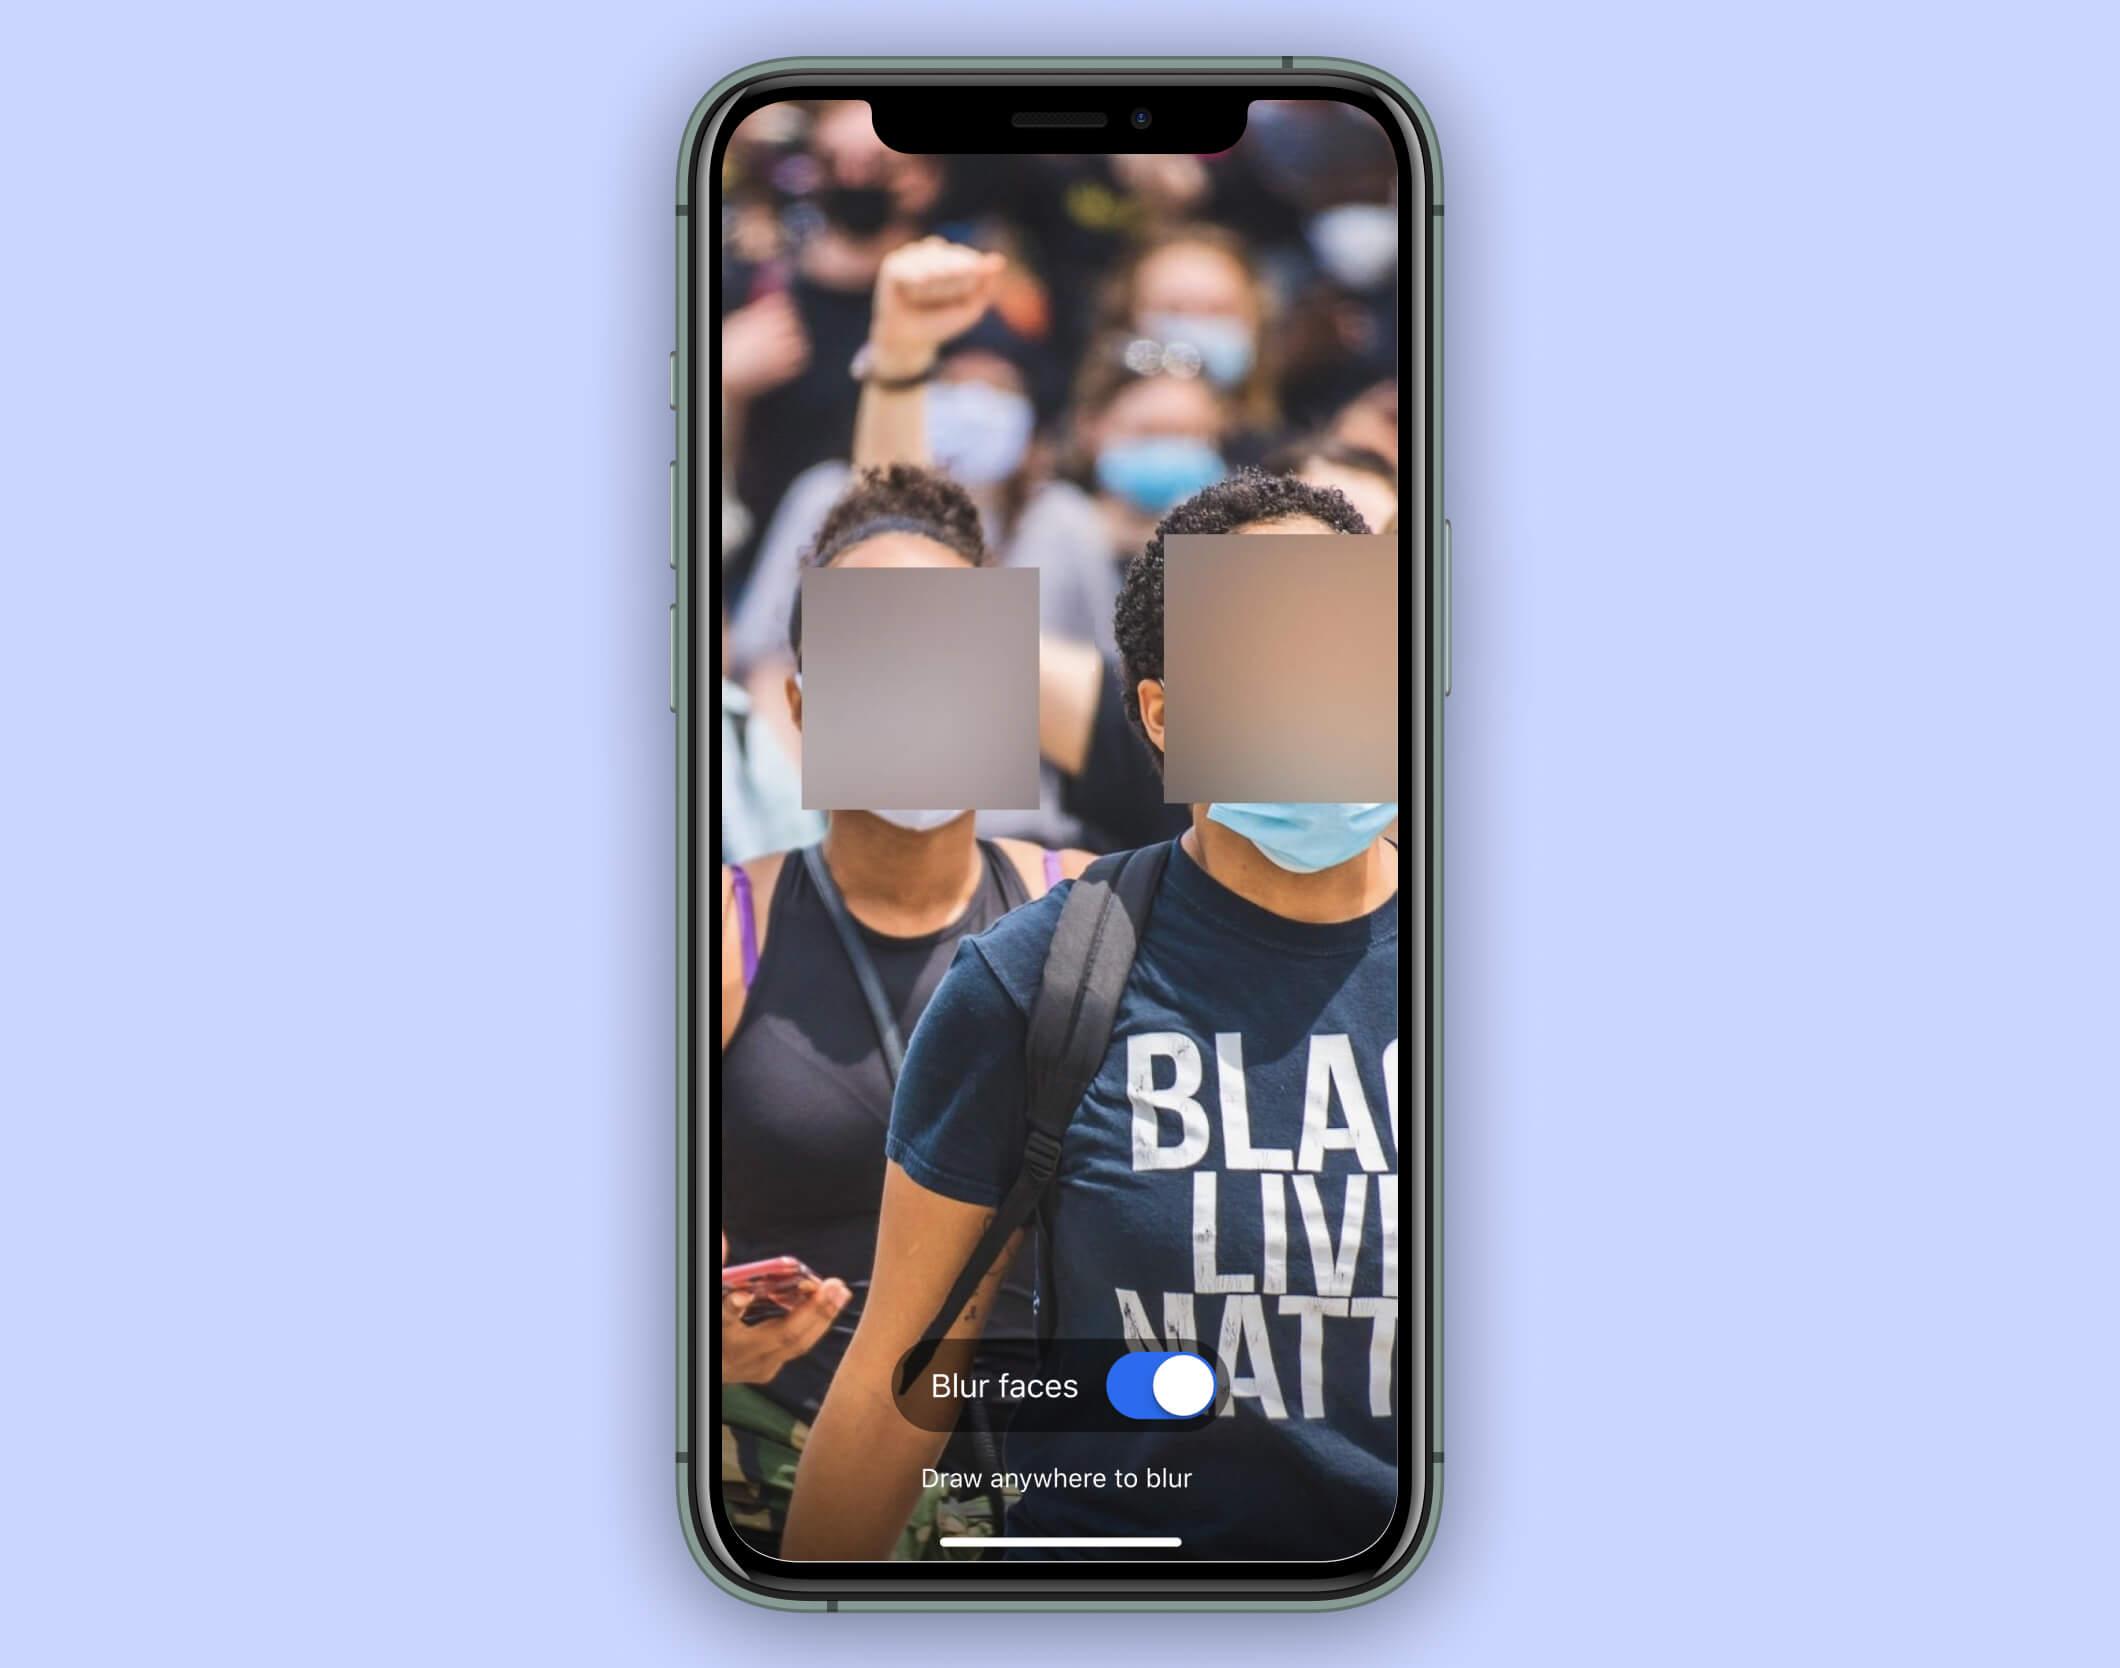 Signal släpper verktyg som blurrar ansikten automatiskt Bra att ha om man postar demonstrationsbilder